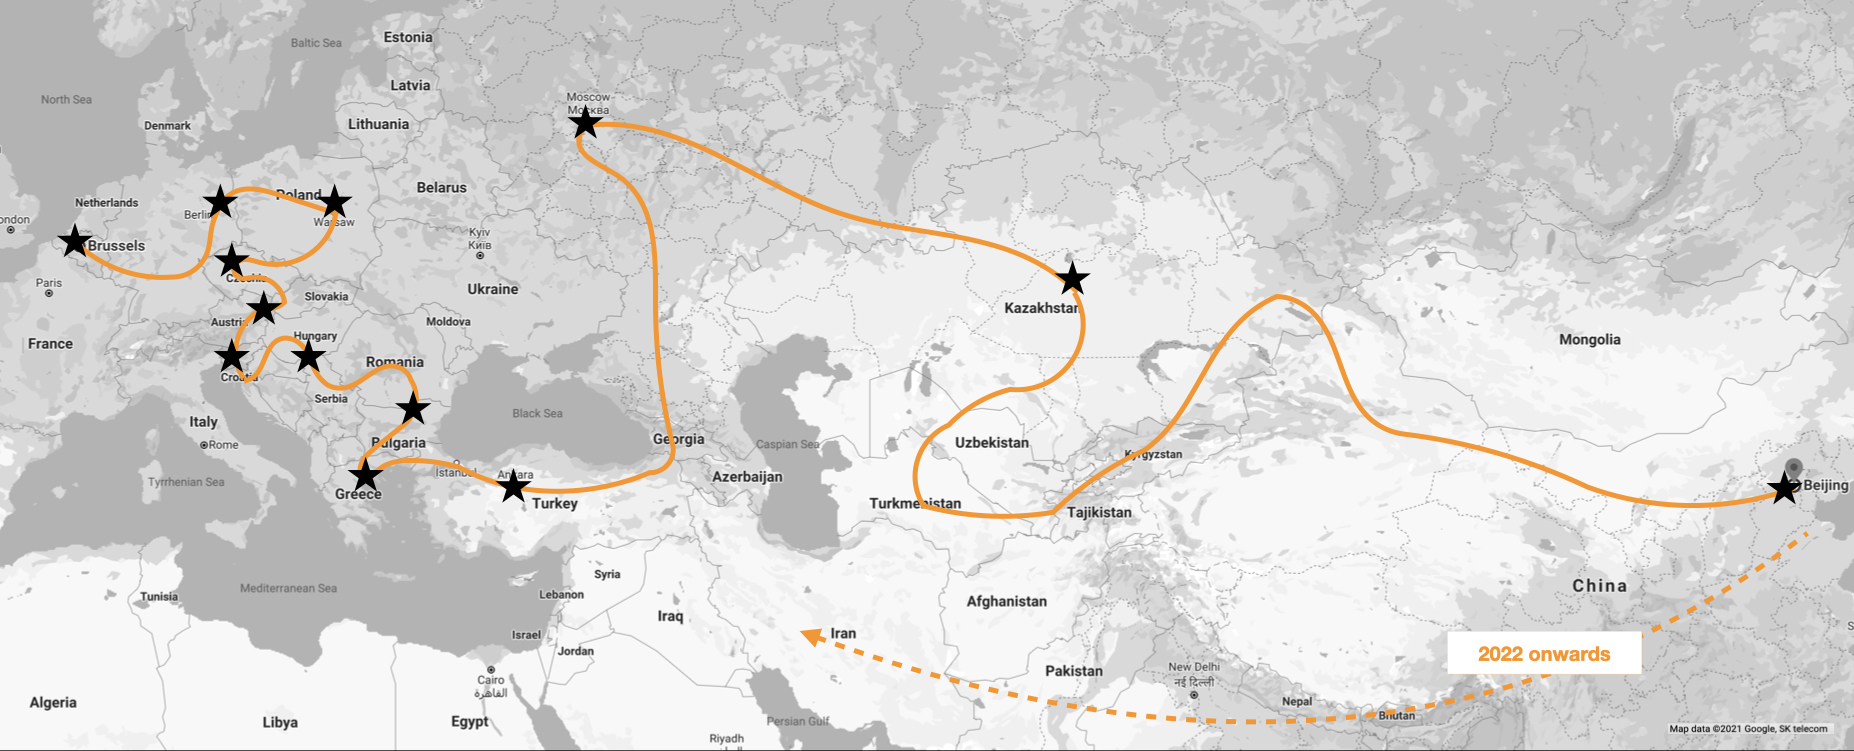 SILKROAD 4.0 Learning Journey along the Digital Silk Road